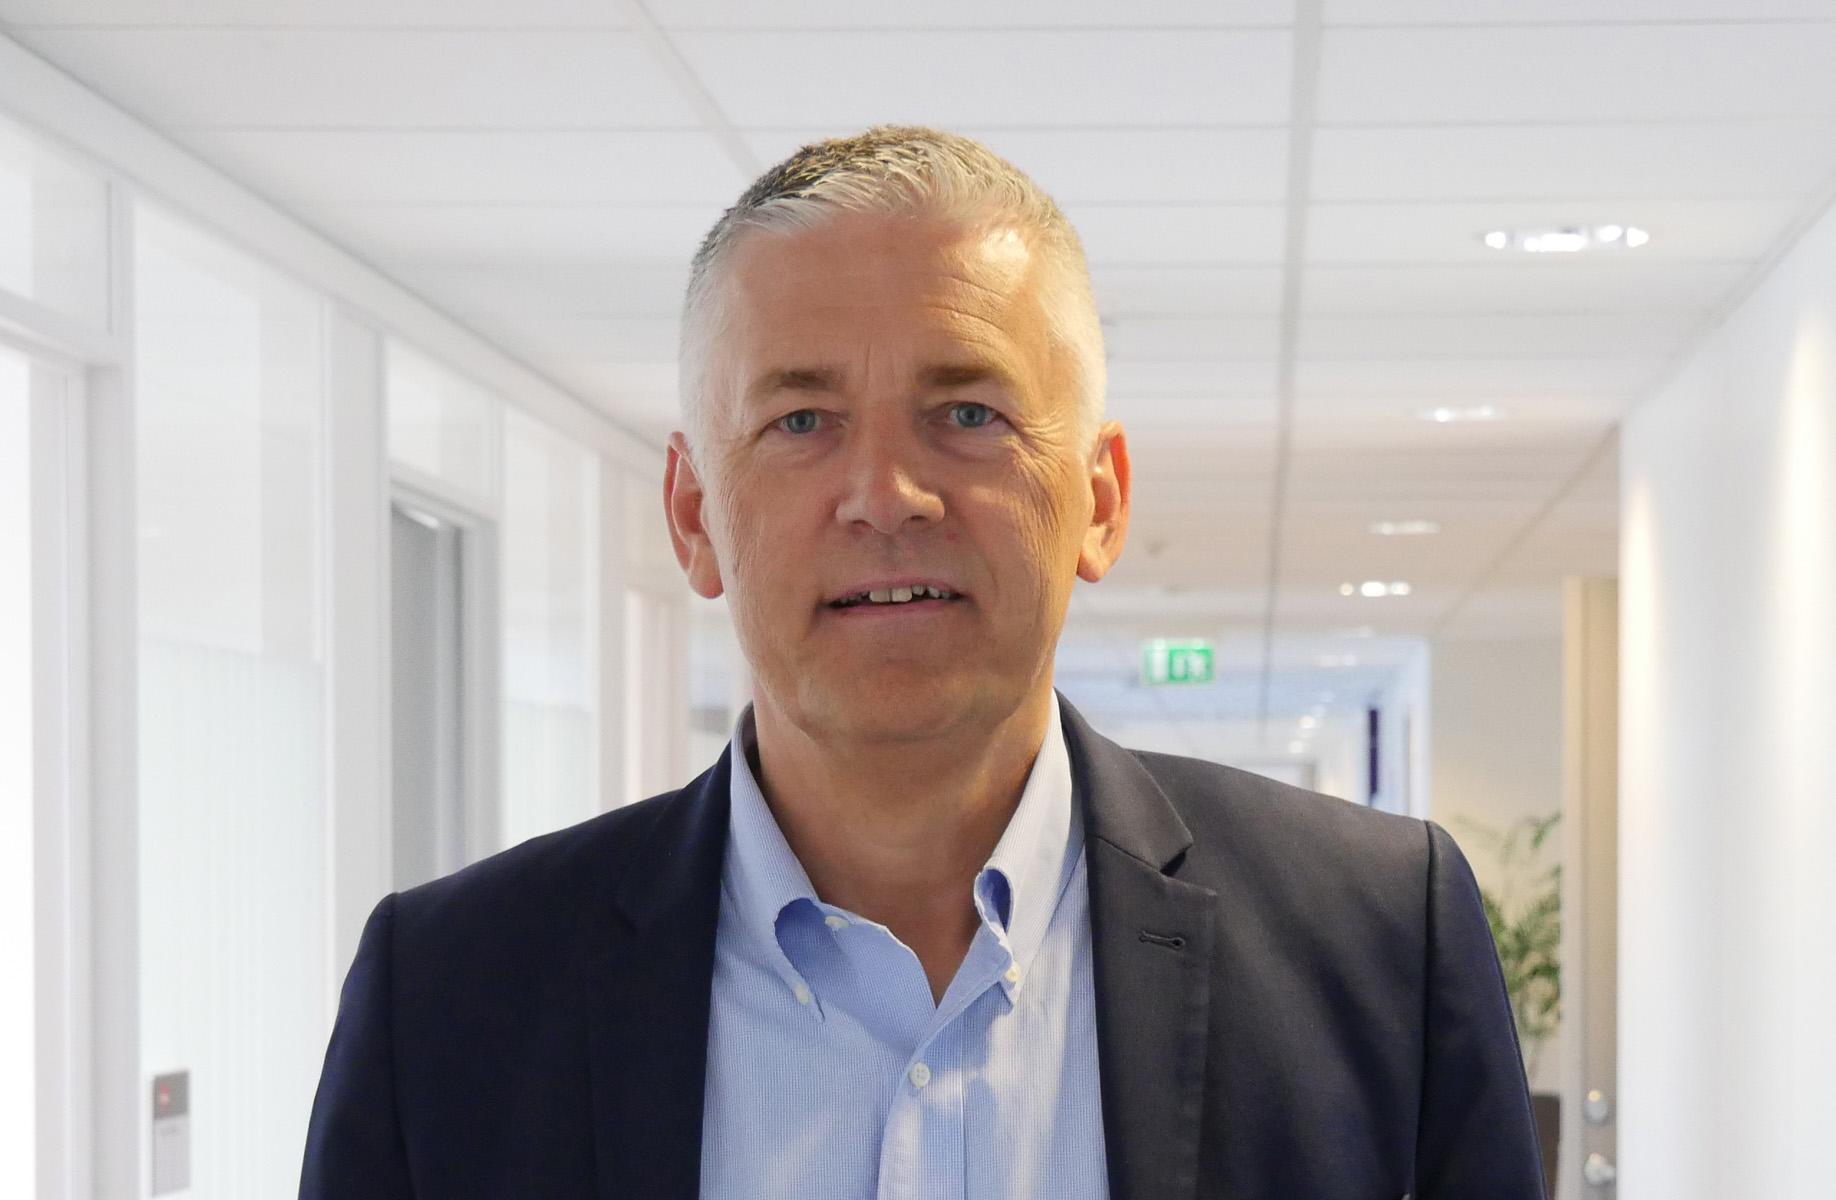 IKKE MER PENDLING: Kjell Hugvik fylte 60 år tidligere i år, og har begynt i en ny og spennende jobb som kommunedirektør i Nordland. – Etter å ha pendlet først til Stavanger og så til Oslo i mange år, skal det bli bra å få bo hjemme på heltid.